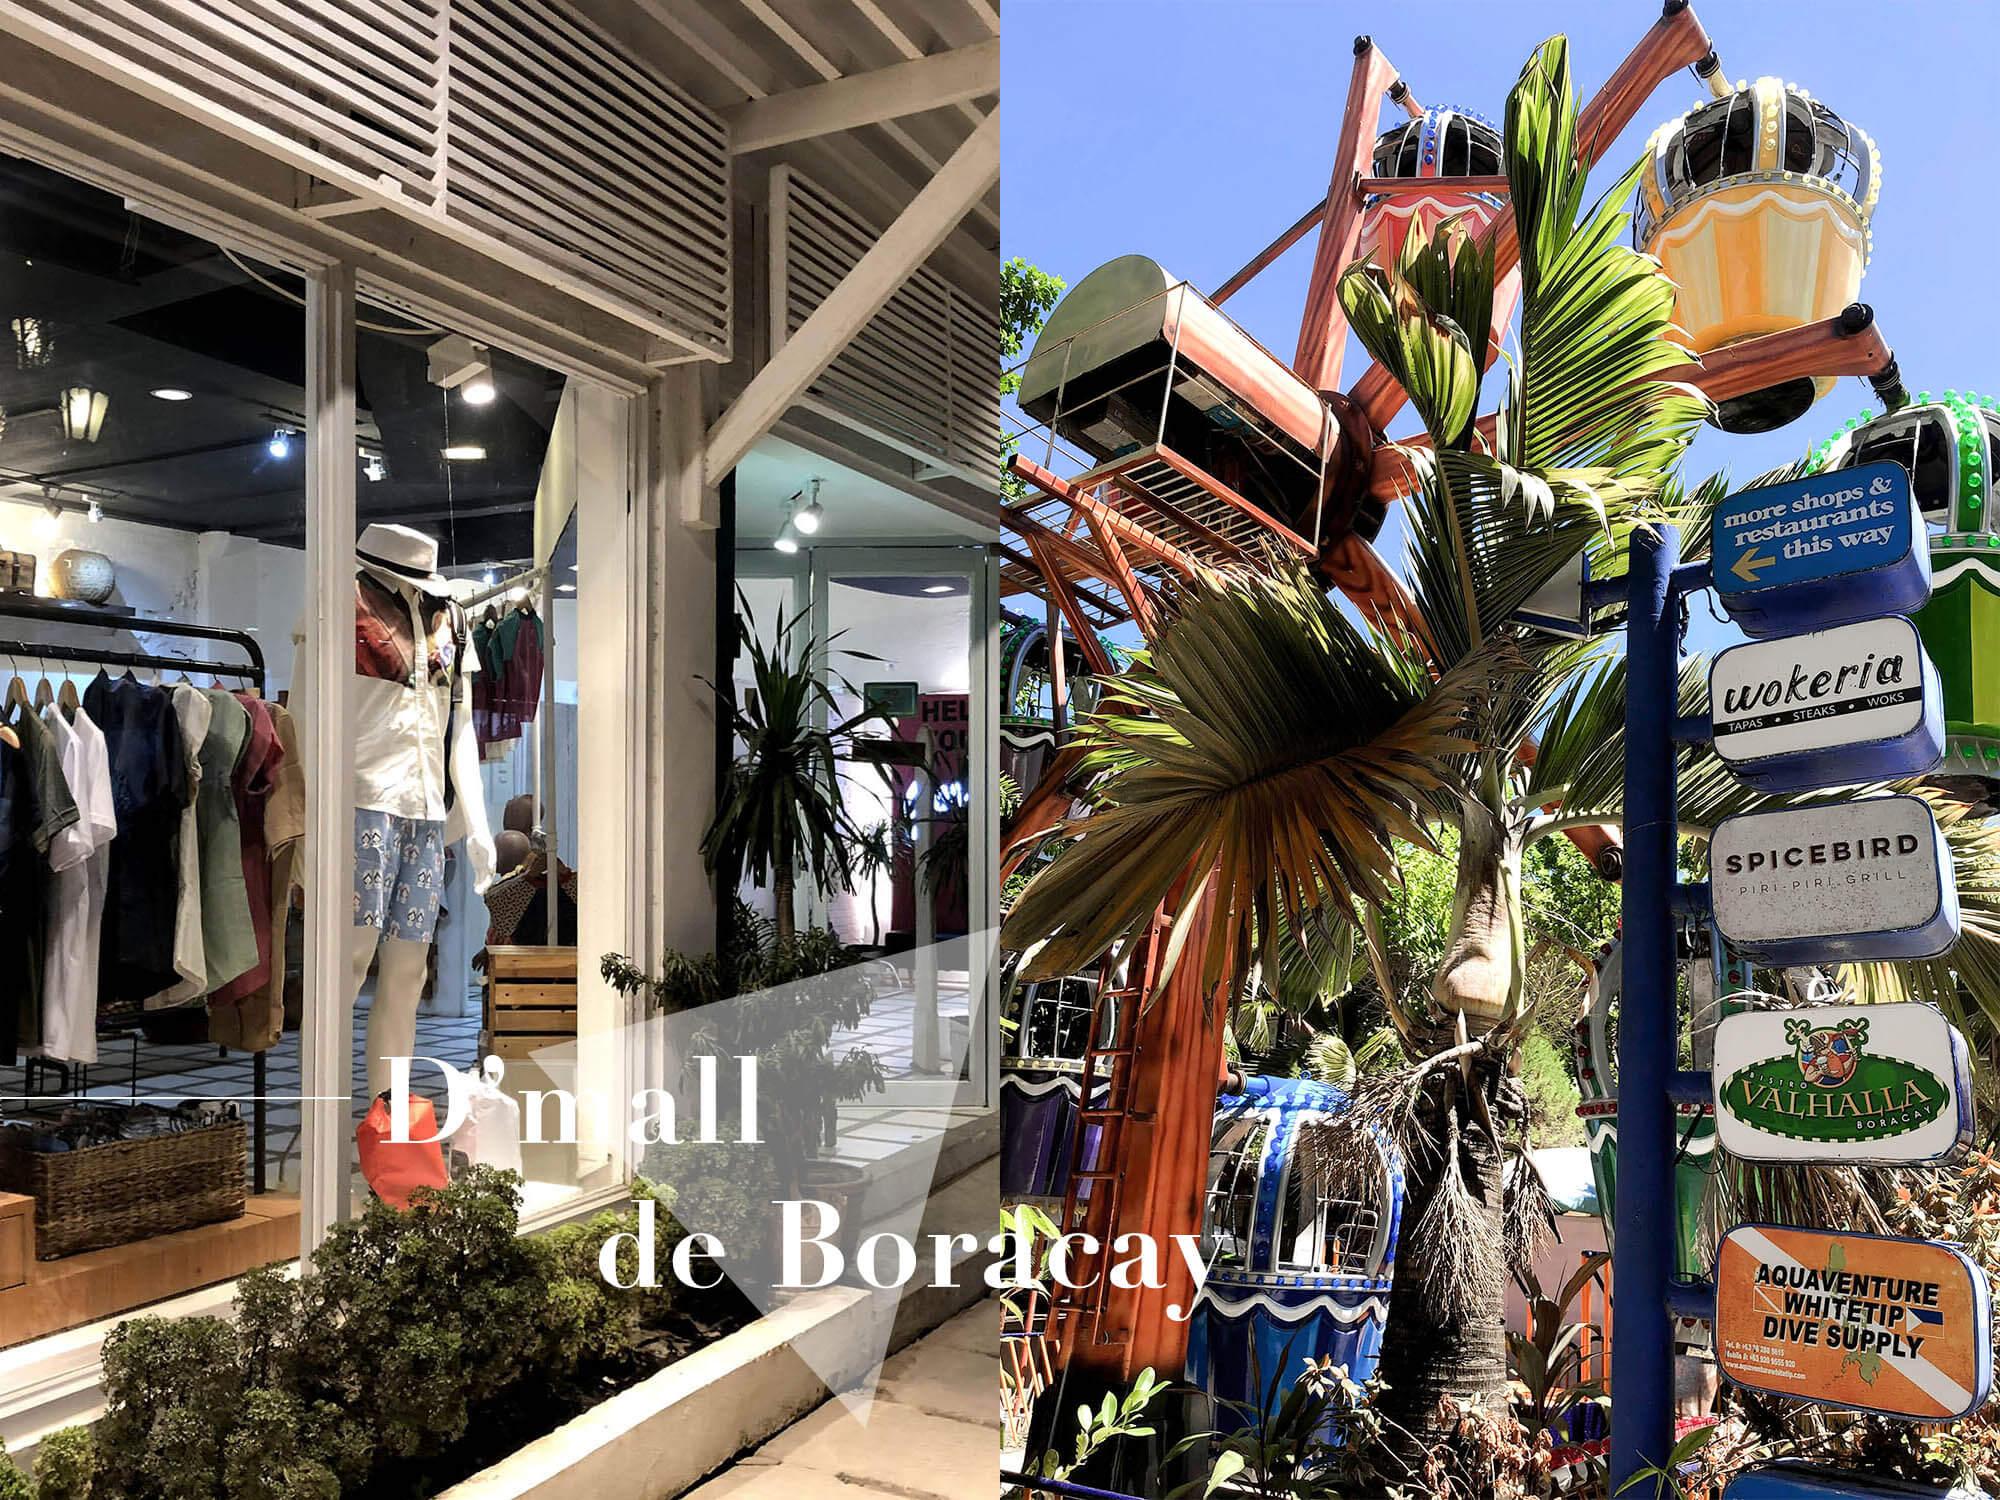 長灘島|D'mall購物區怎麼逛?美食餐廳、景點、超市、吸煙區總整理